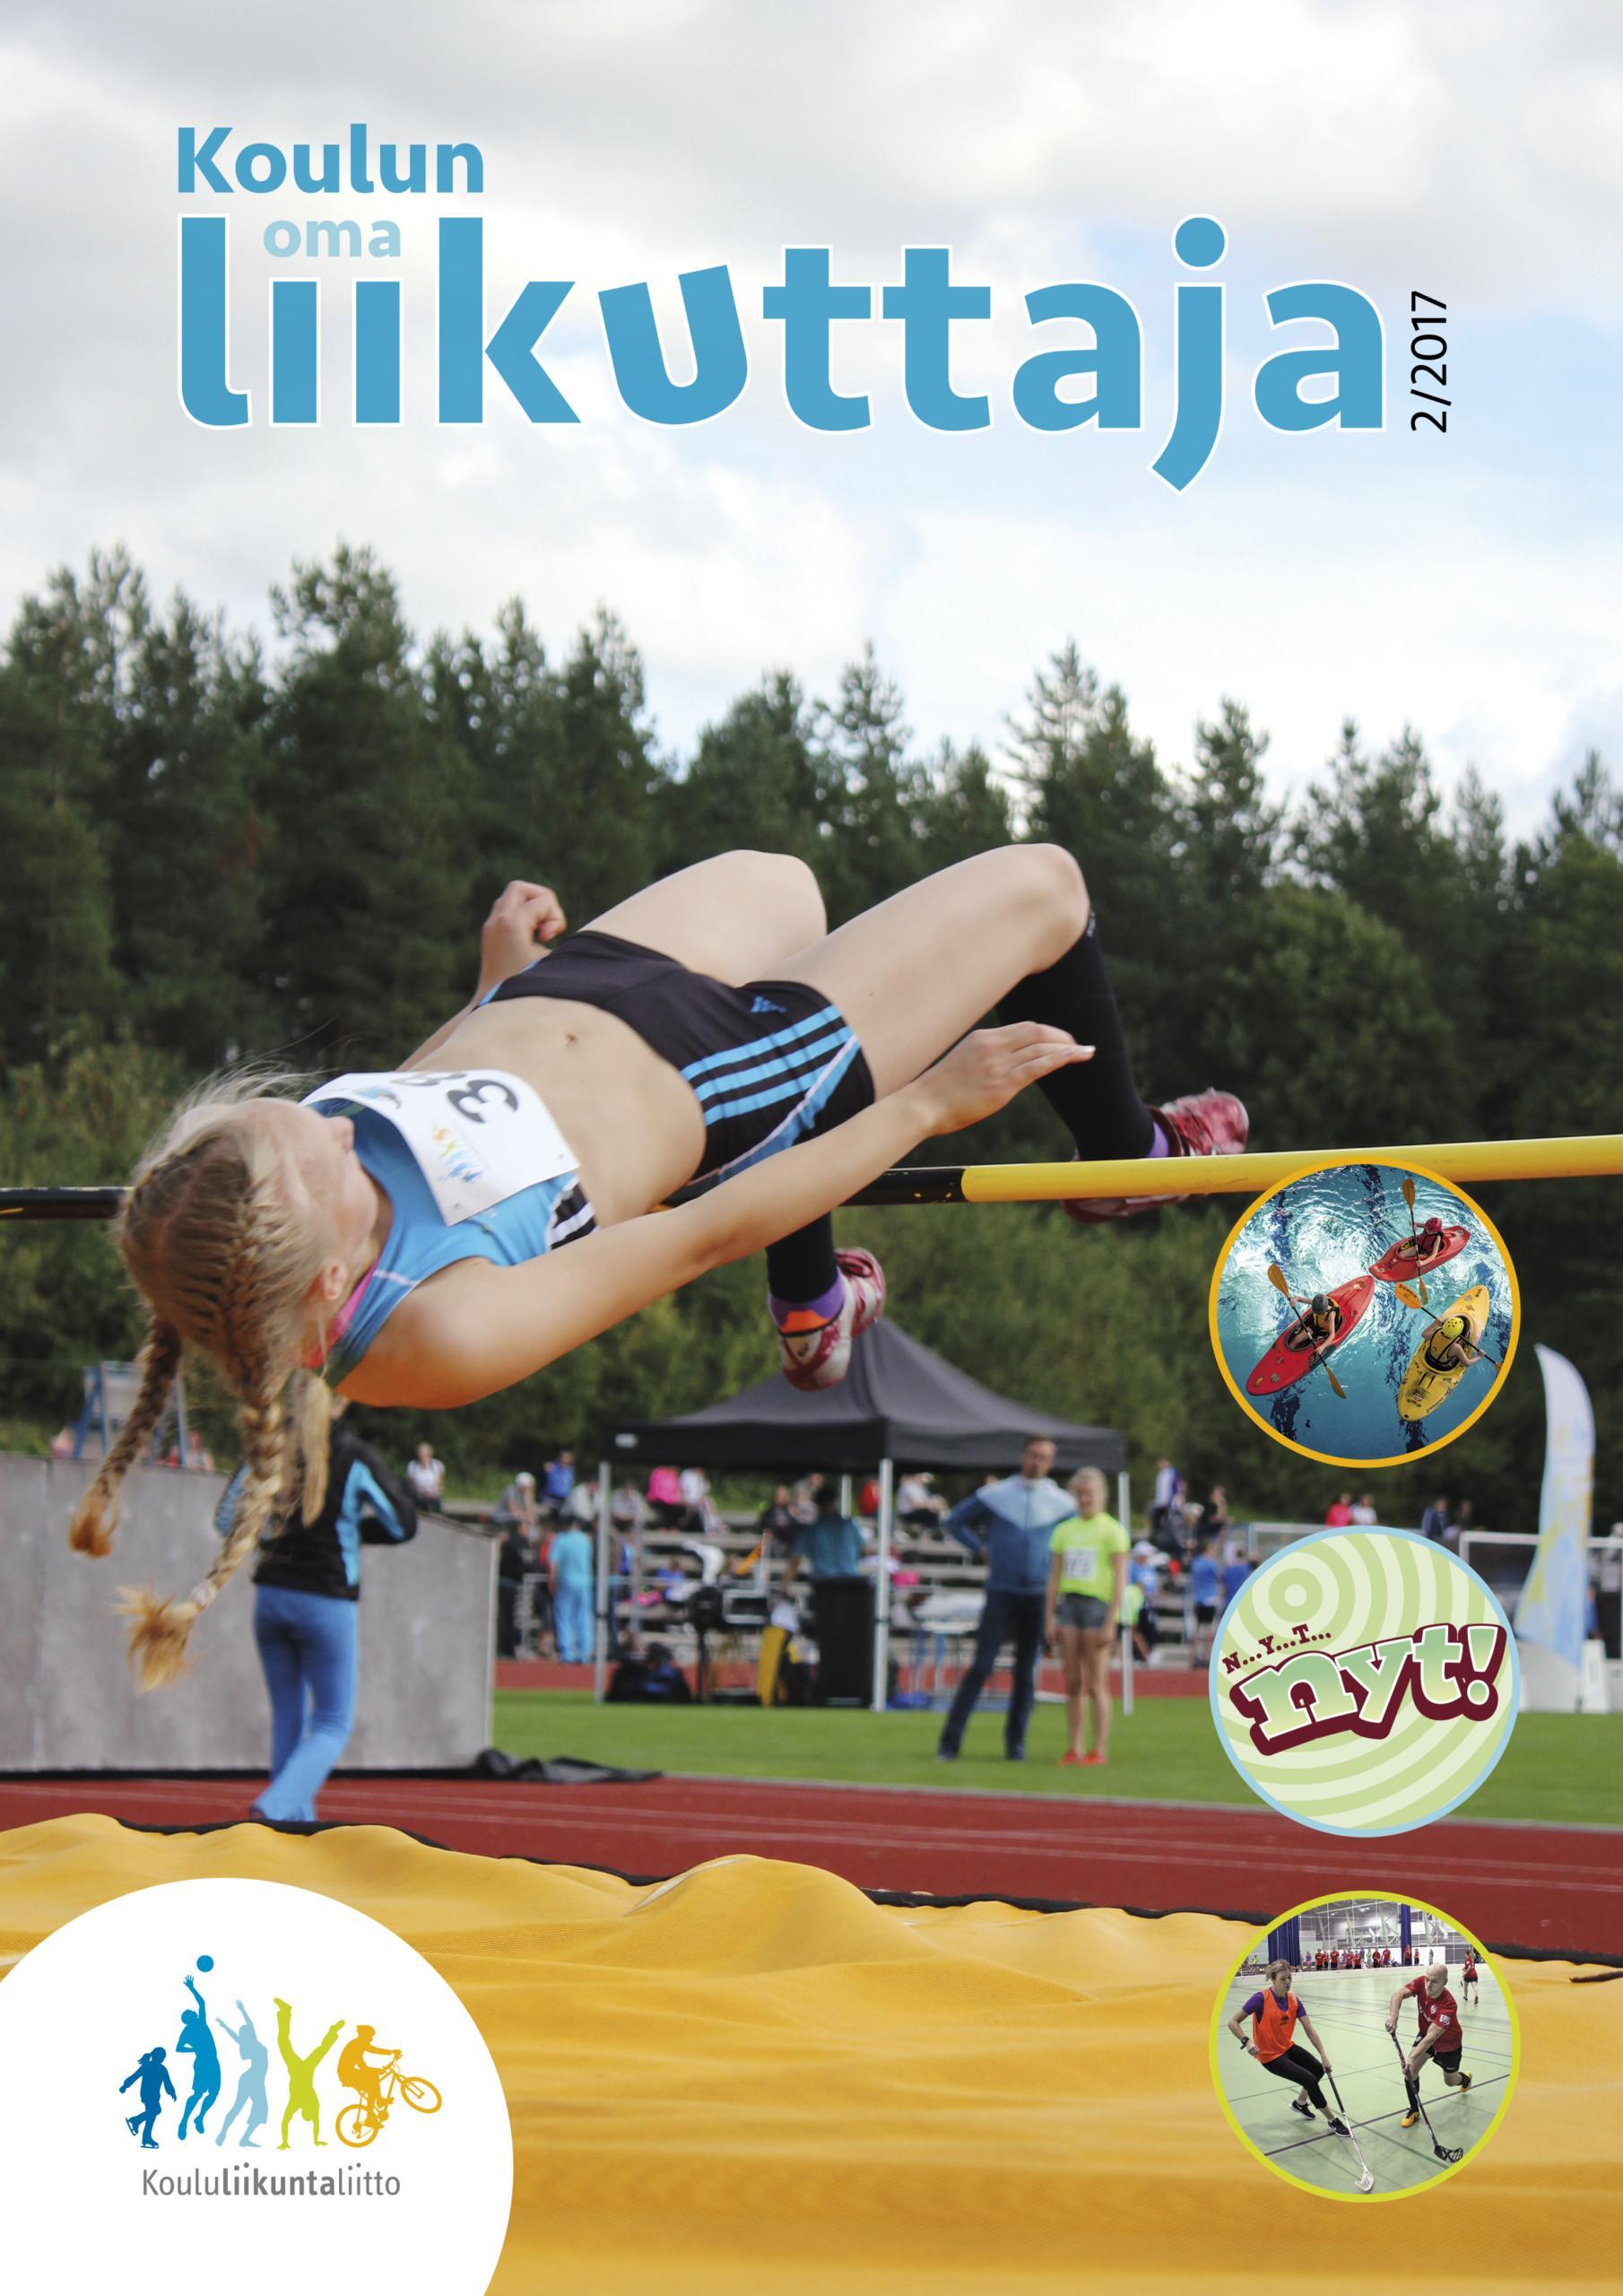 Koulun oma liikuttaja 2-2017 kansi, jossa tyttö hyppää korkautta ja on juuri ylittänyt riman.